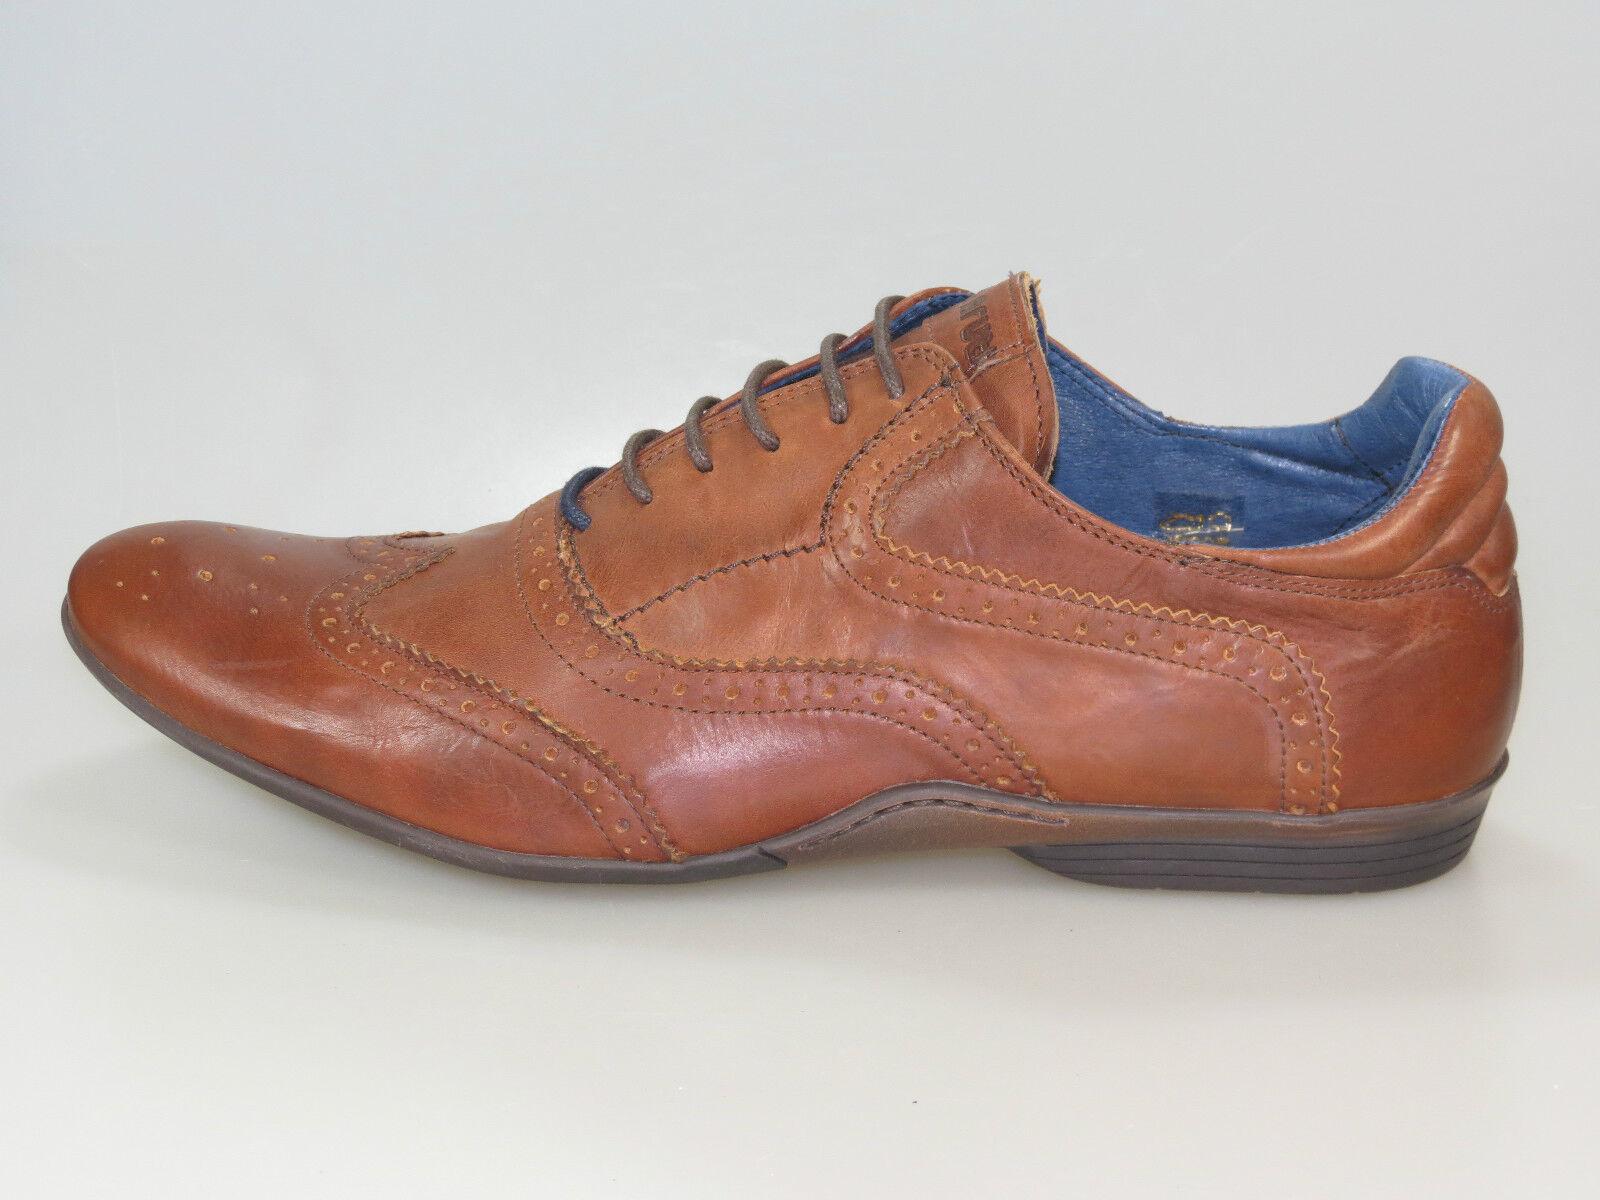 Maruti Schuhe Oleos Men 66.20075.2046 Nut Leather +NEU+ verschiedene Größen